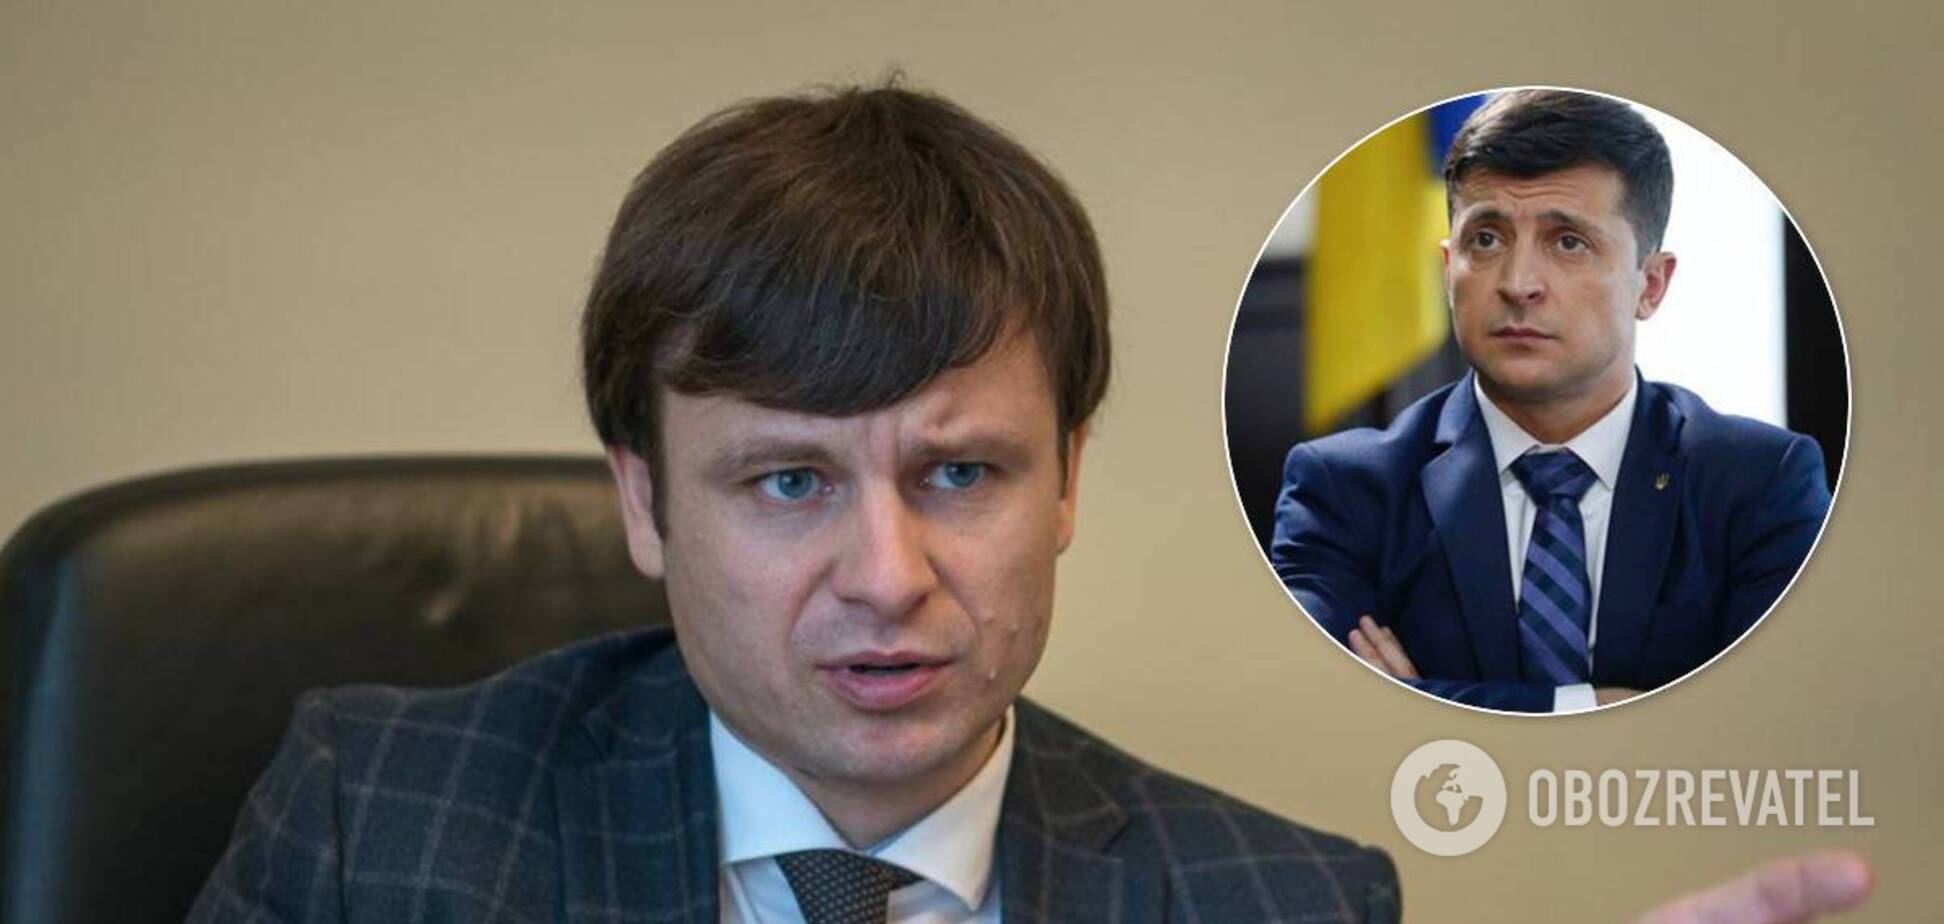 Конфликт Зеленского и НБУ: Марченко прояснил, правдива ли информация СМИ